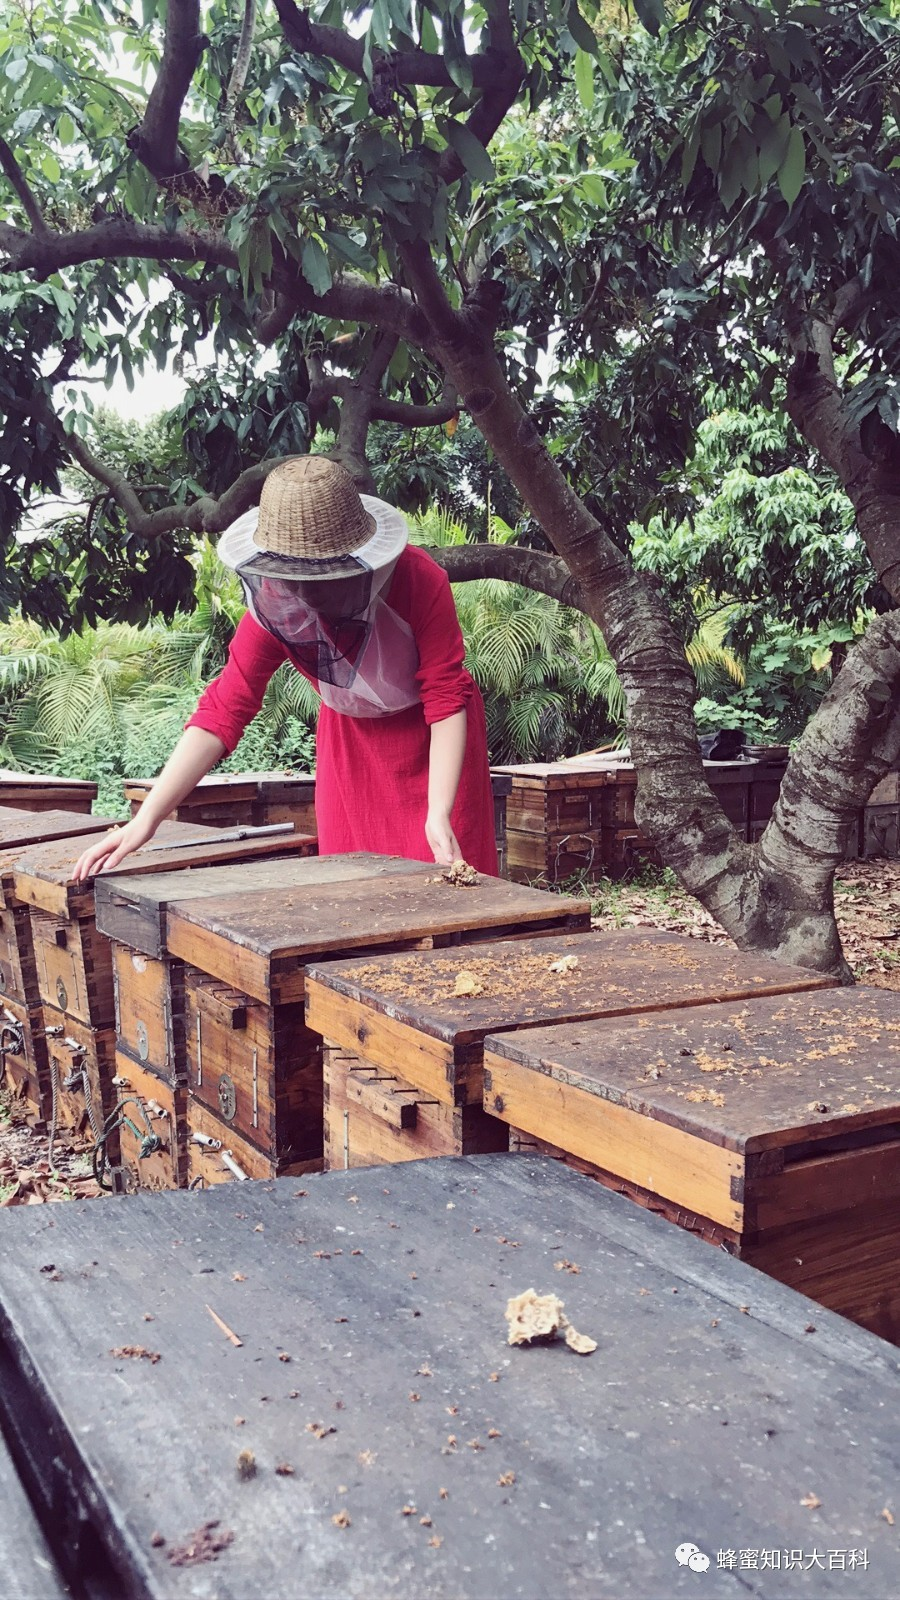 假蜂蜜块 我的蜂蜜歌曲播放 叶氏蜂蜜 适合男人的蜂蜜 野生蜂蜜怎么